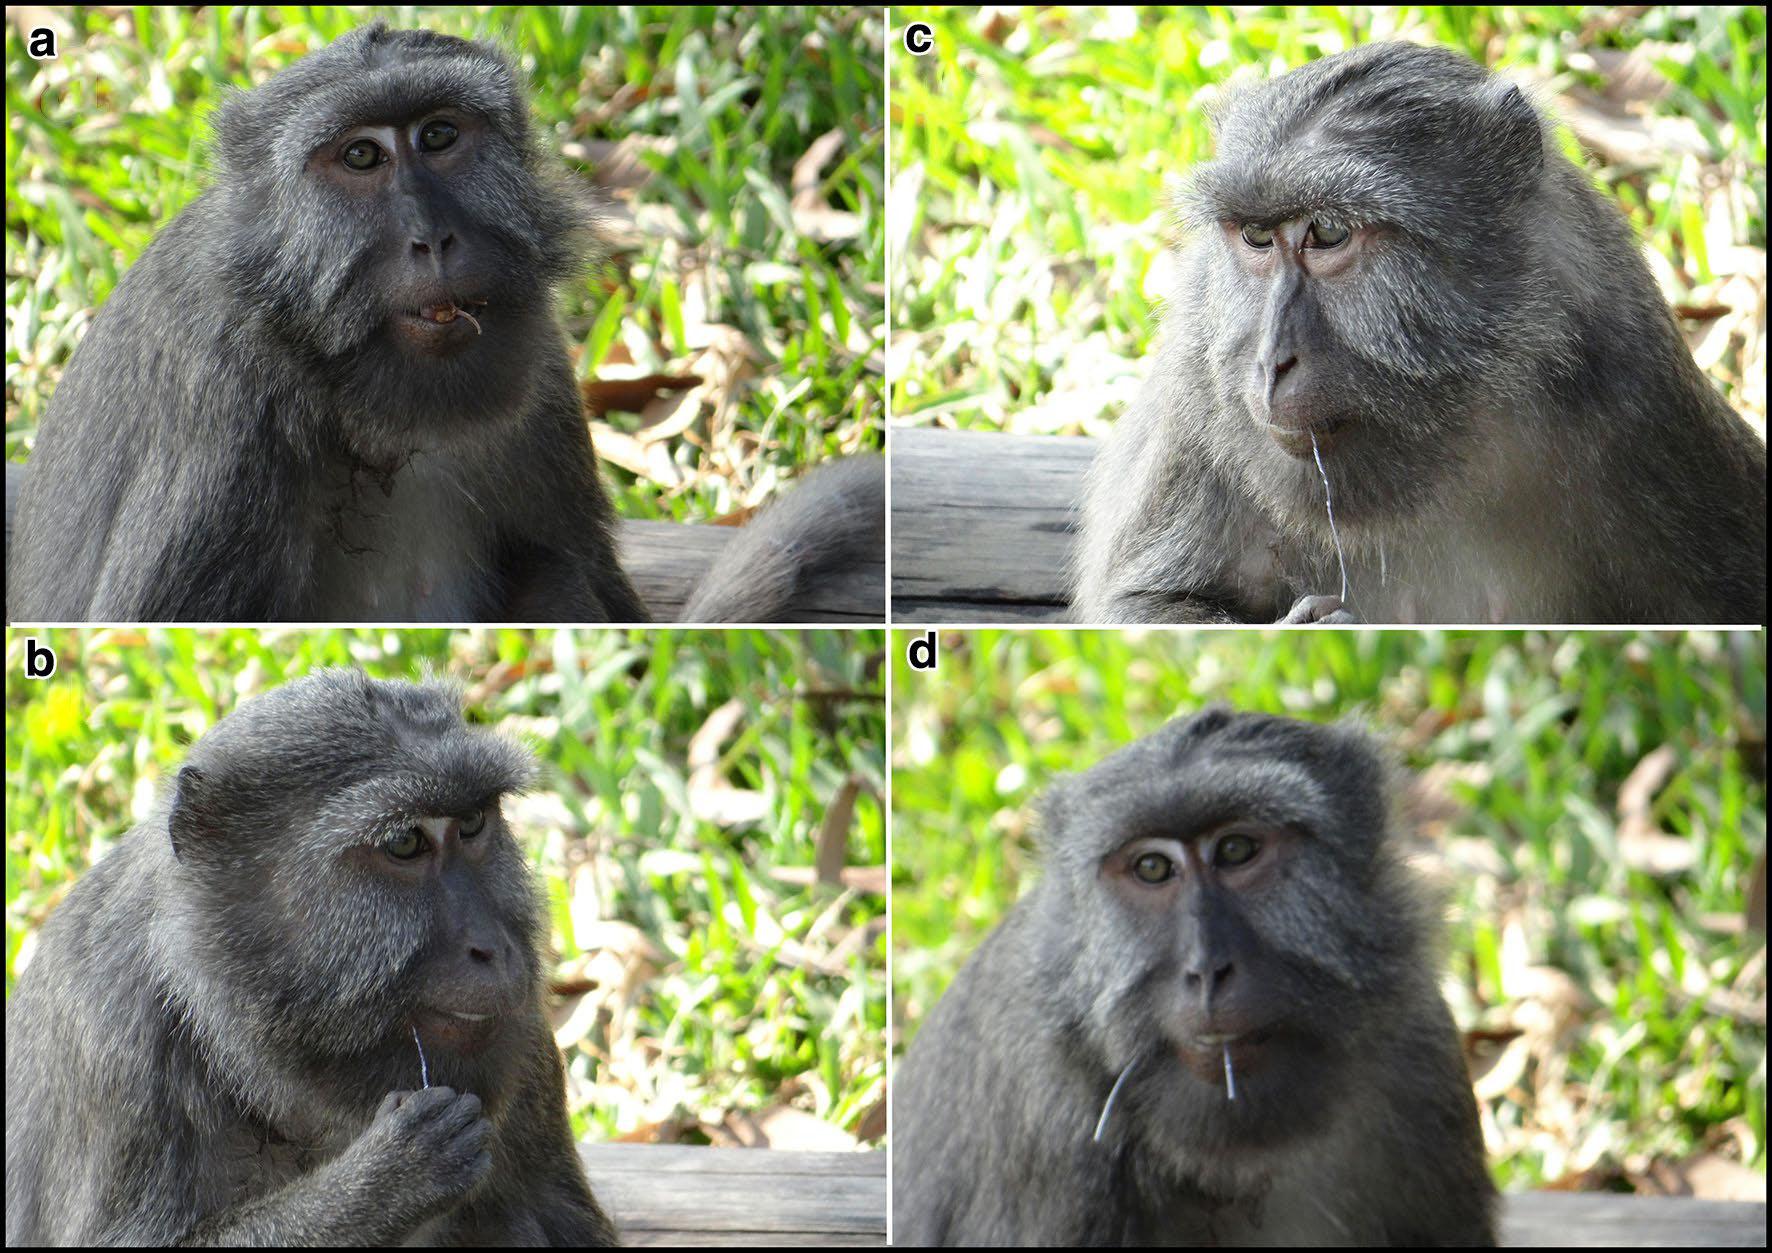 Примат гигиены. Макаки-крабоеды моют продукты ичистят зубы нейлоновой нитью